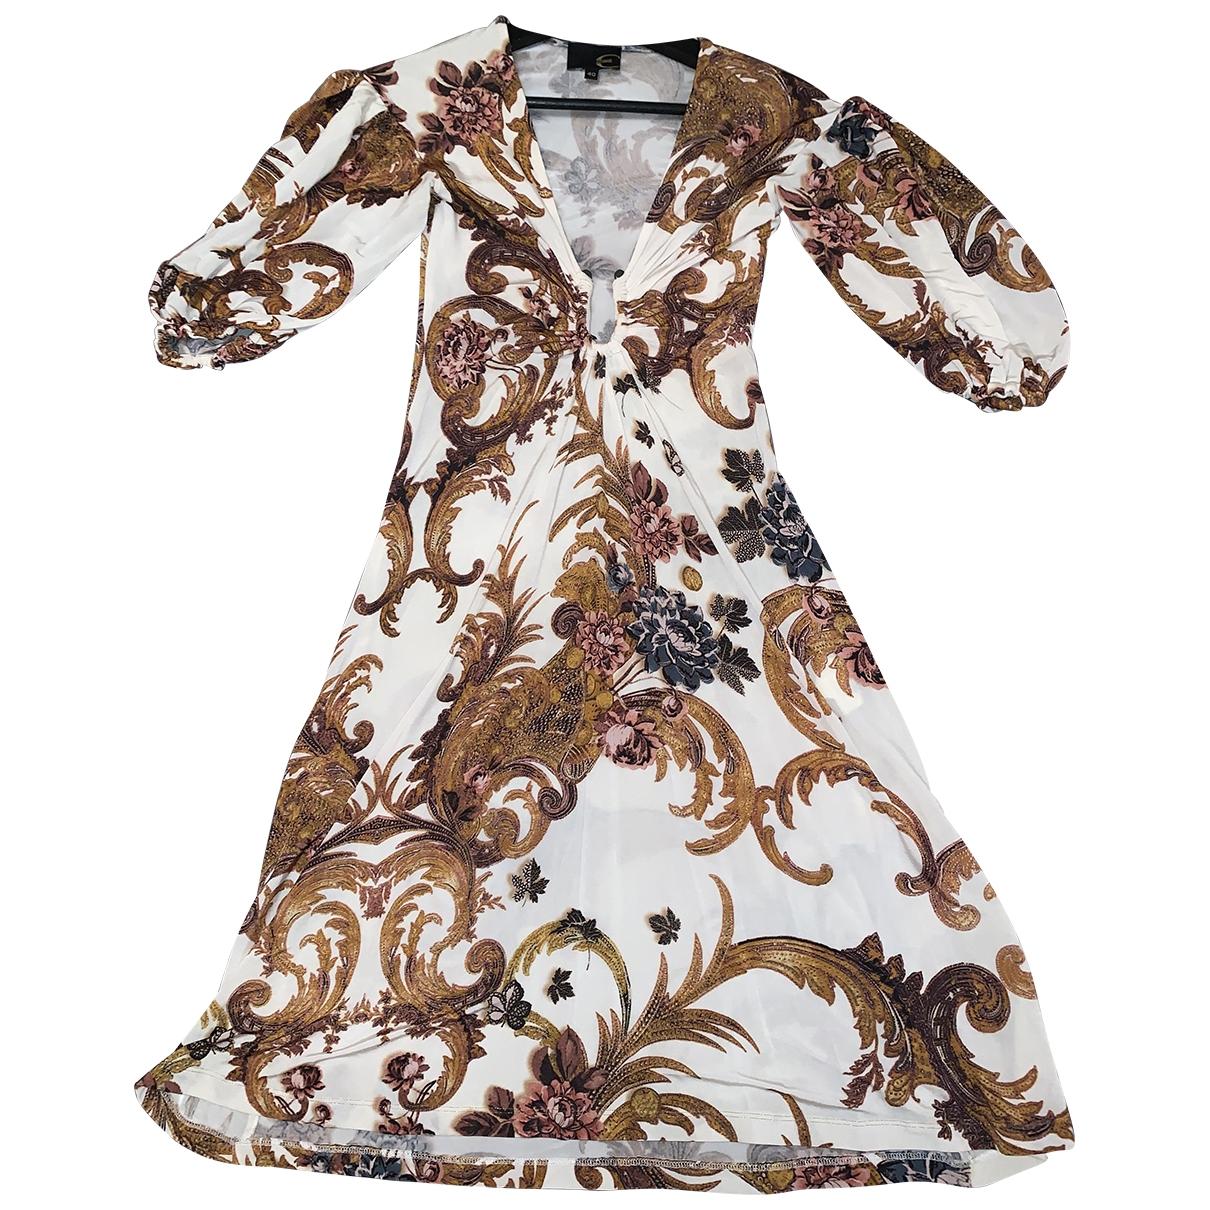 Just Cavalli \N Kleid in  Beige Viskose